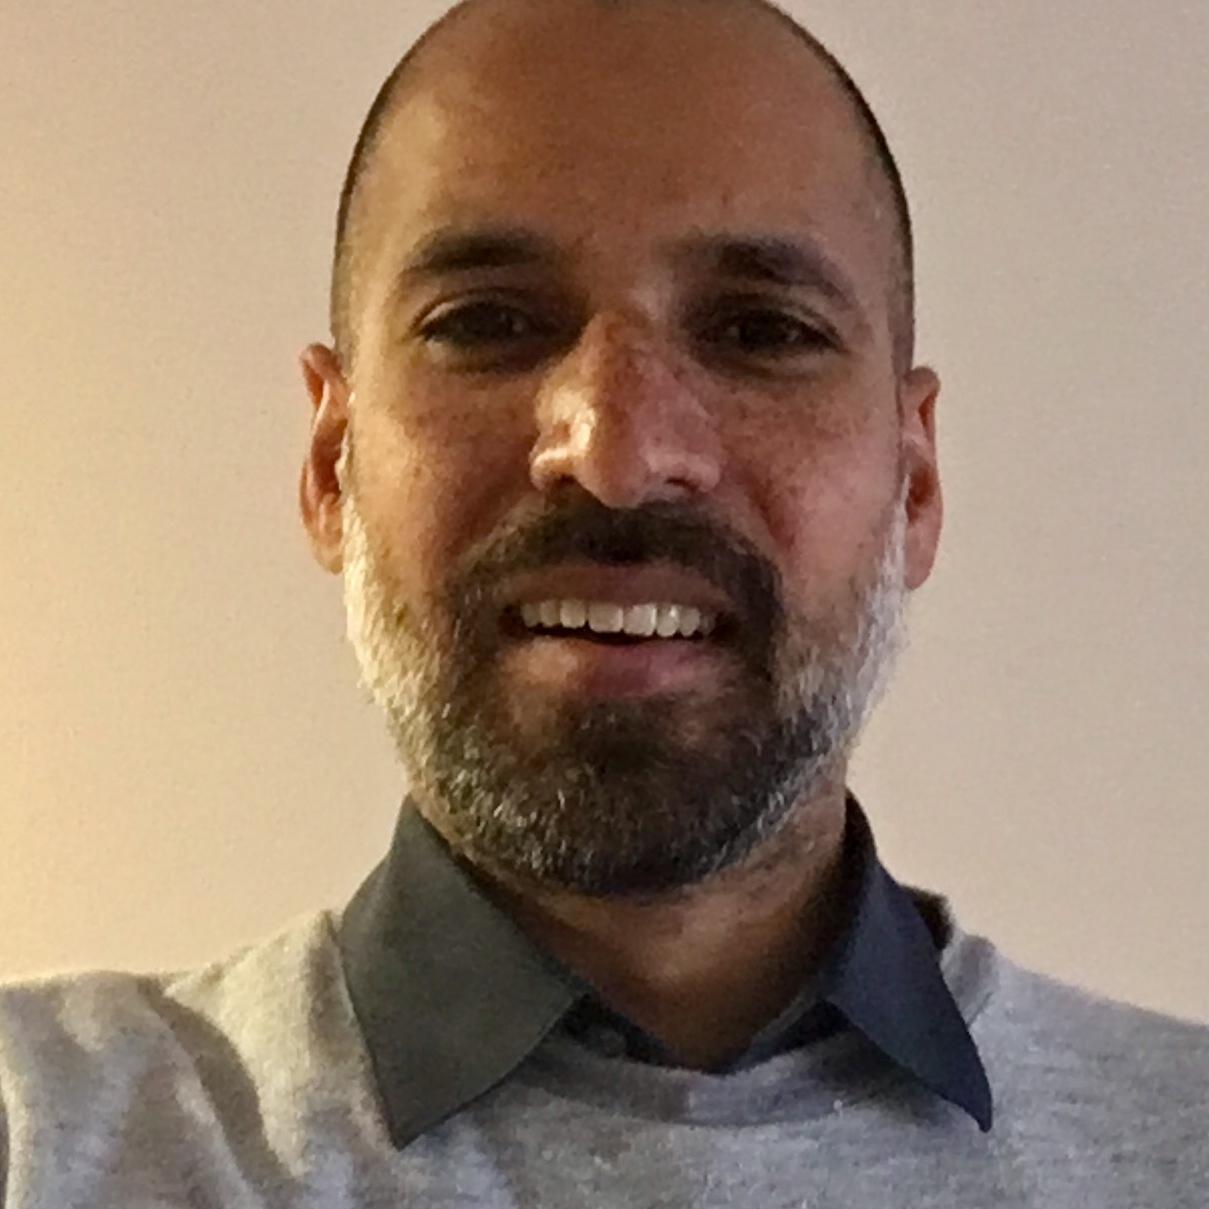 Timo Al-Farooq